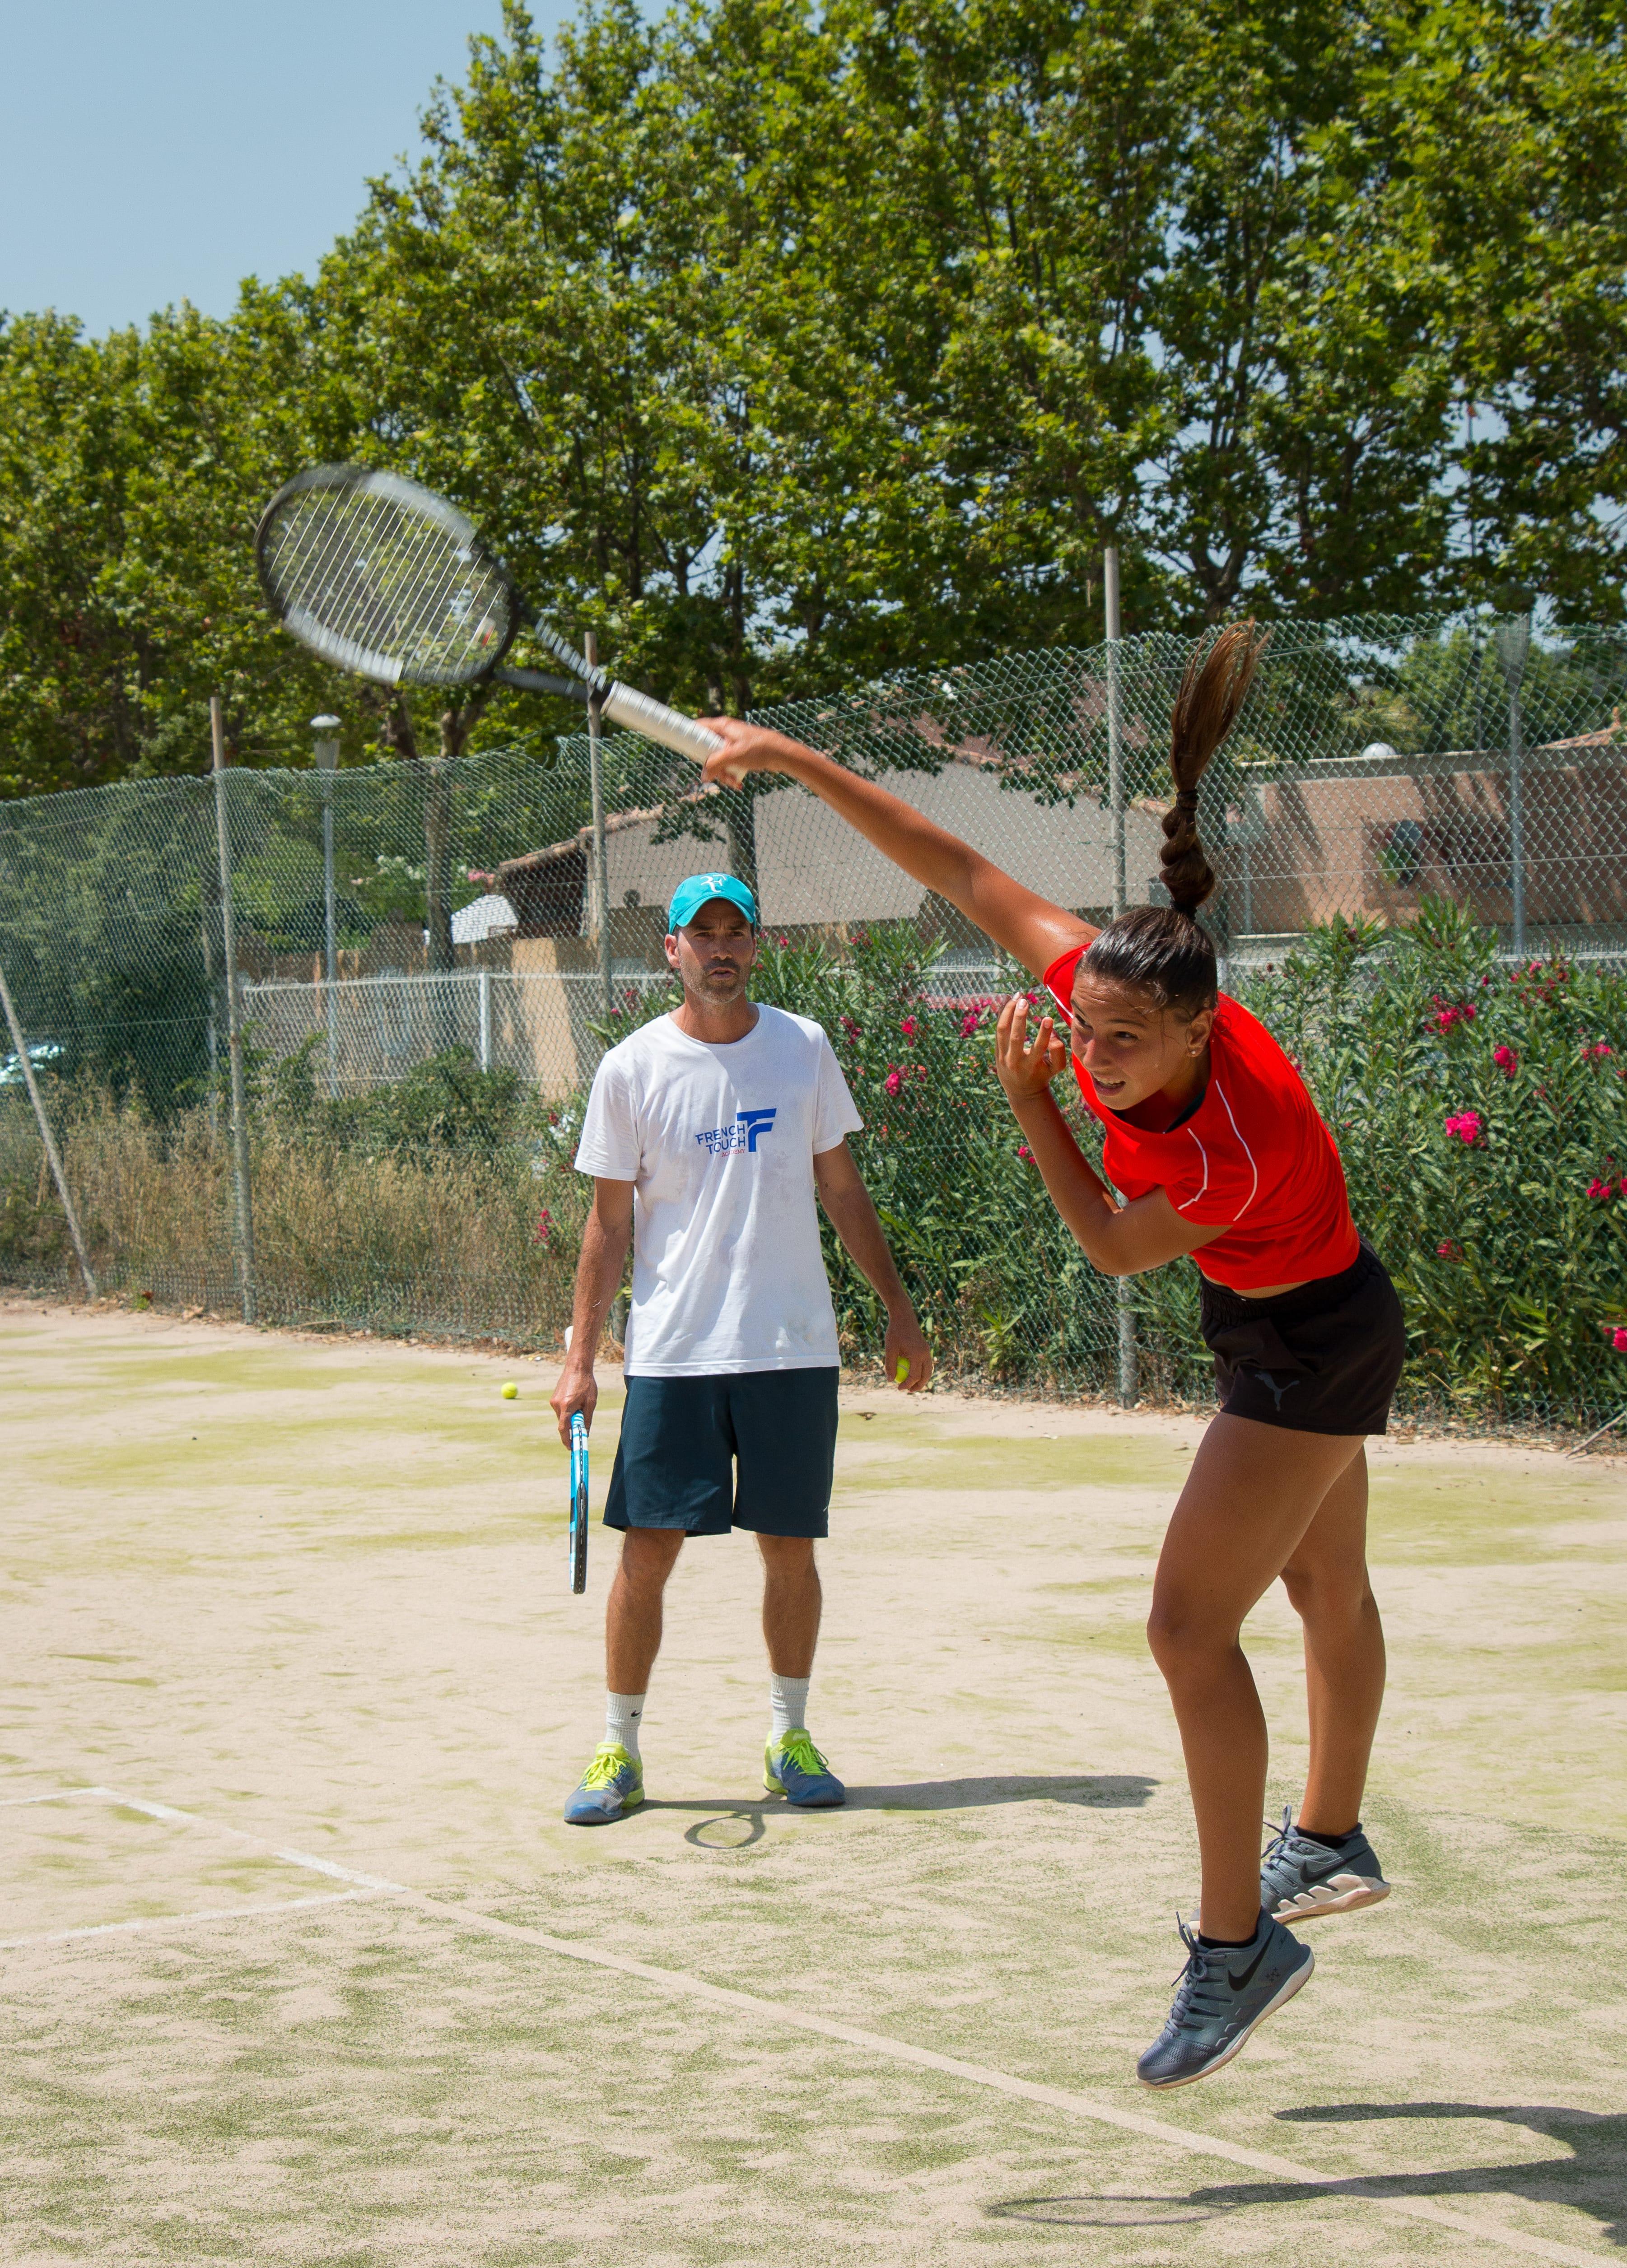 Coach tennis d'une jeune joueuse en tennis études